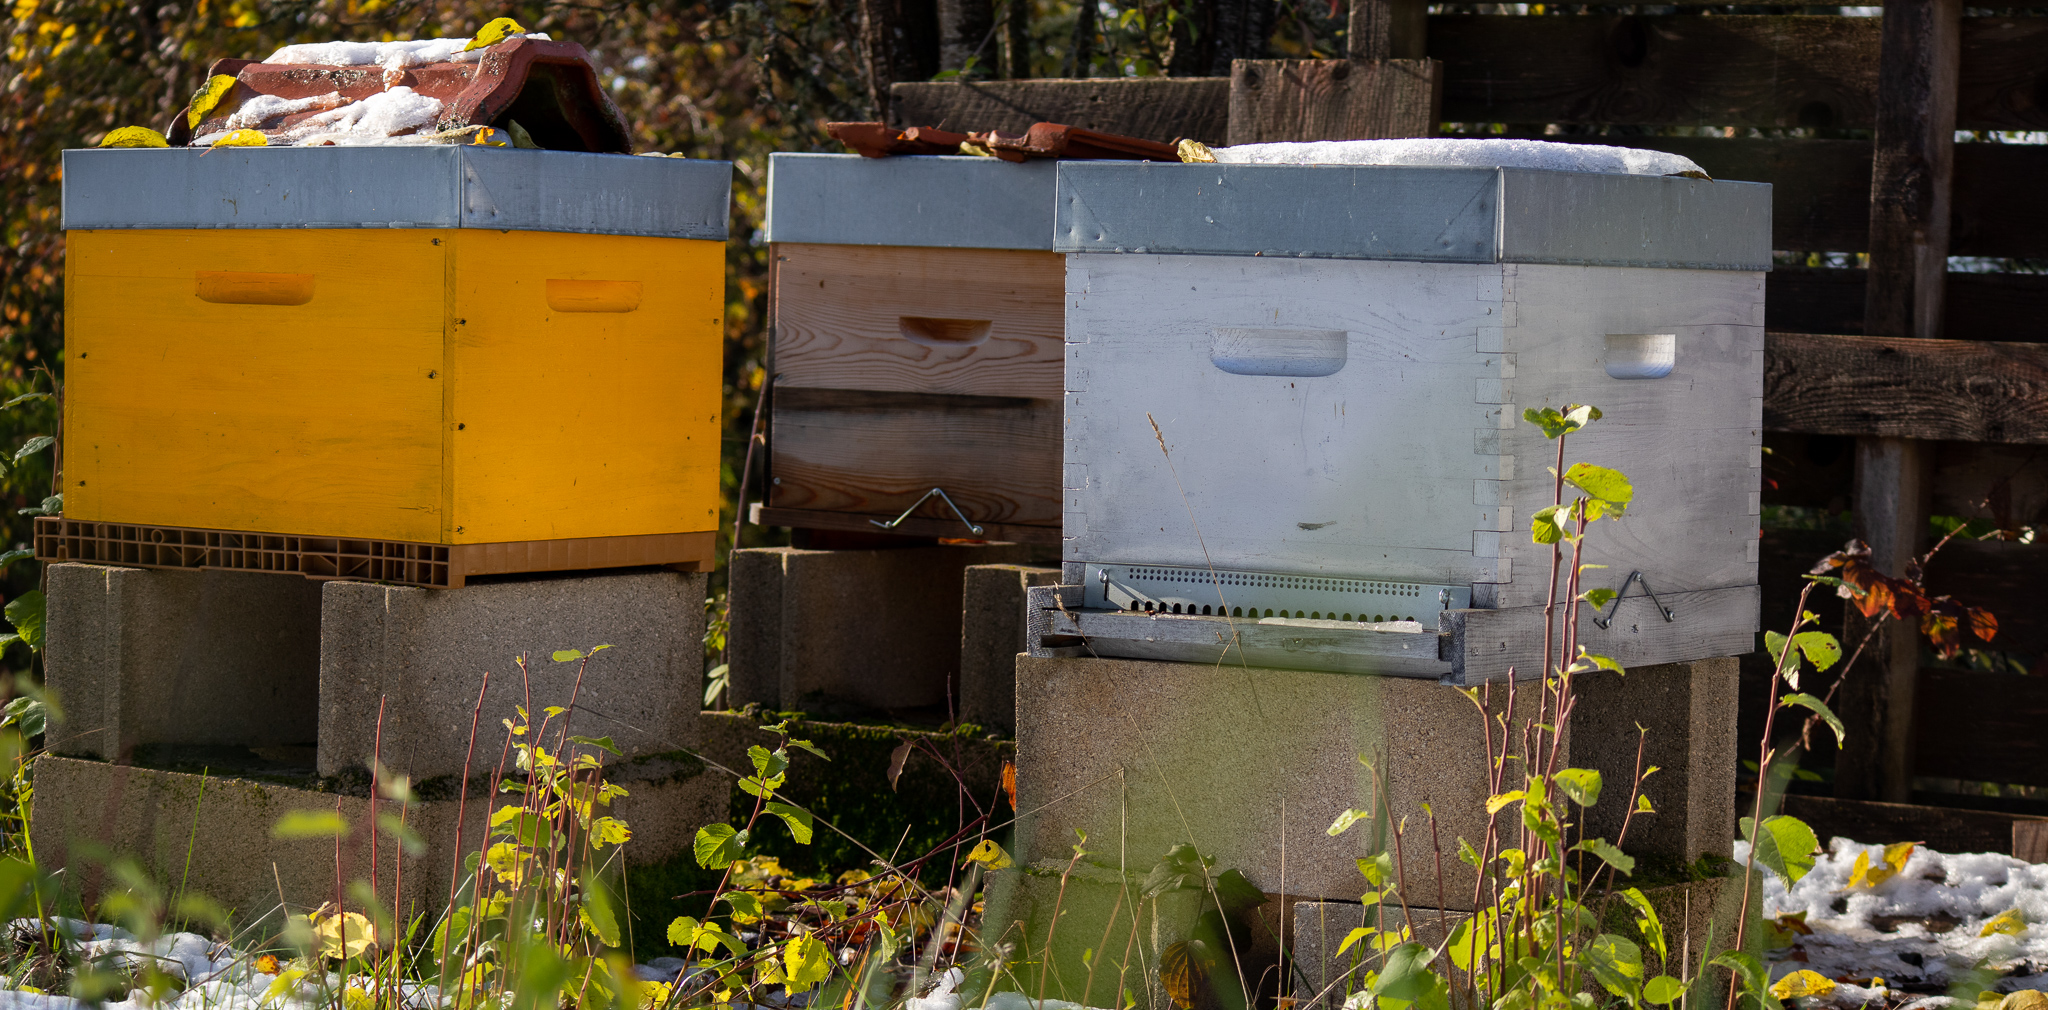 29-11-2019 Le froid, les abeilles et l'apiculteur